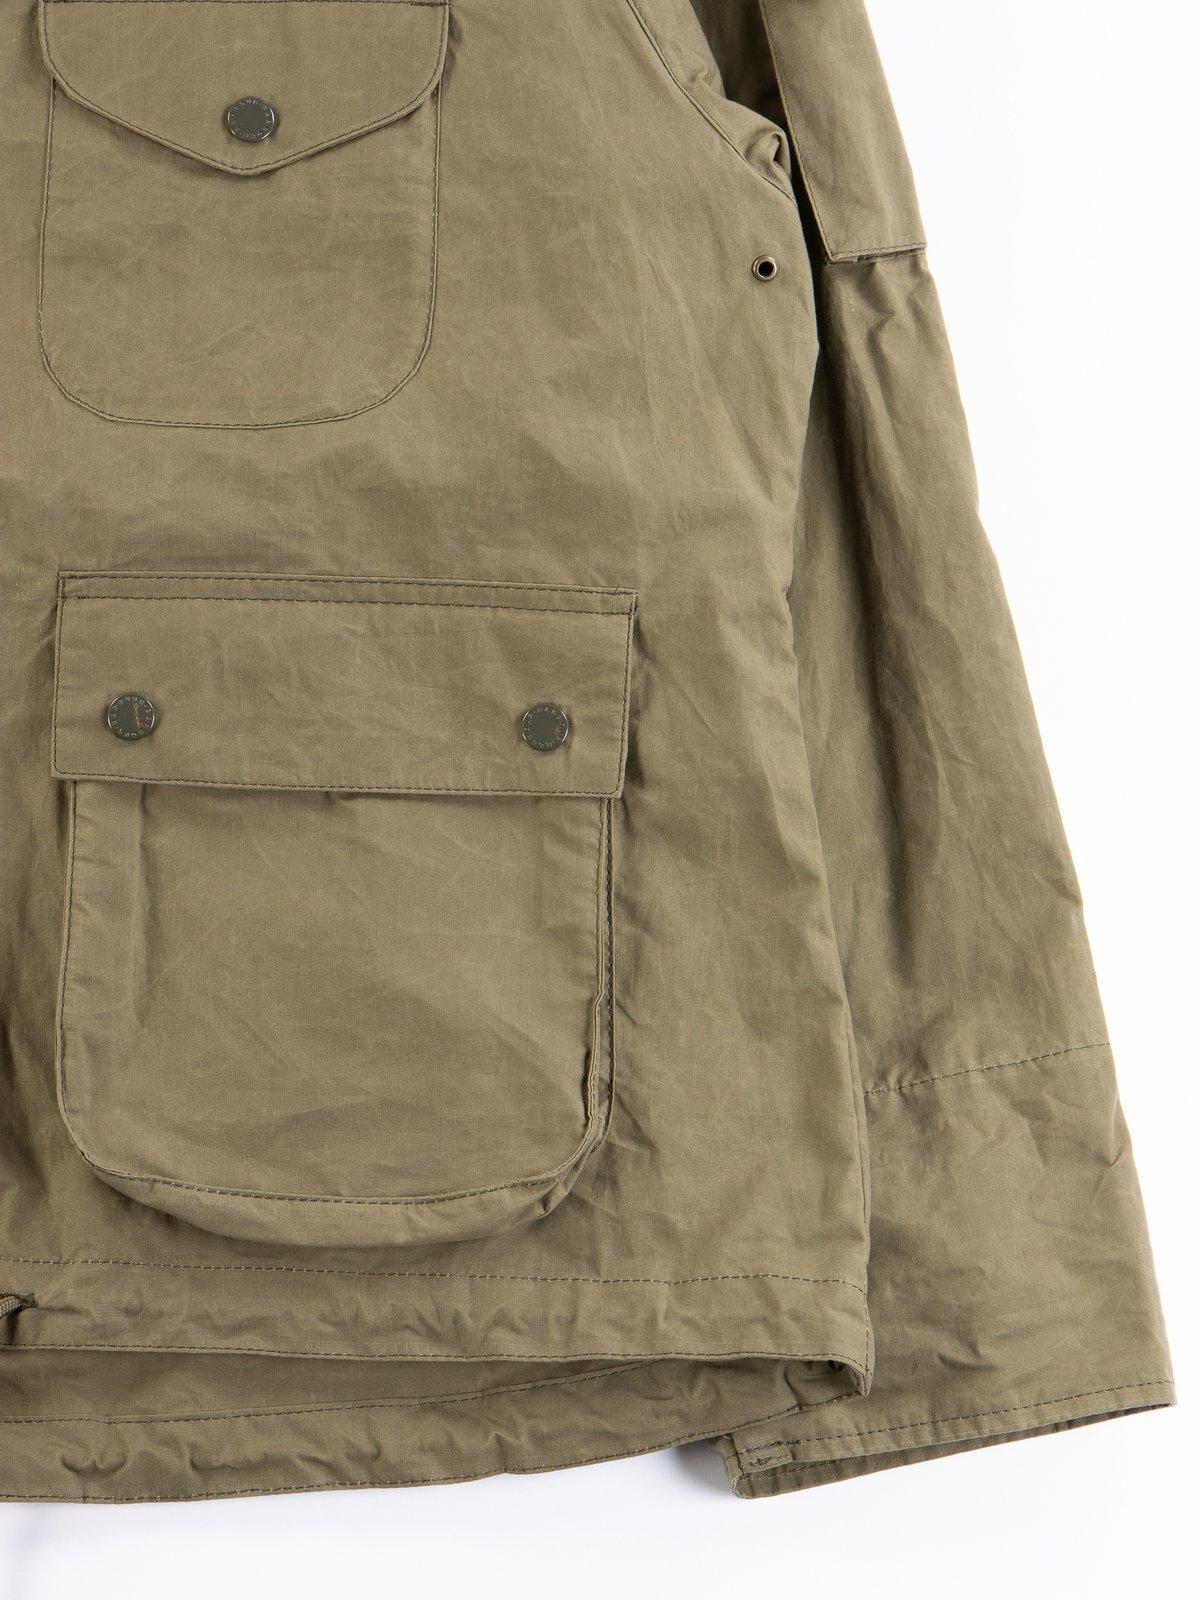 Olive Thompson Jacket - Image 4